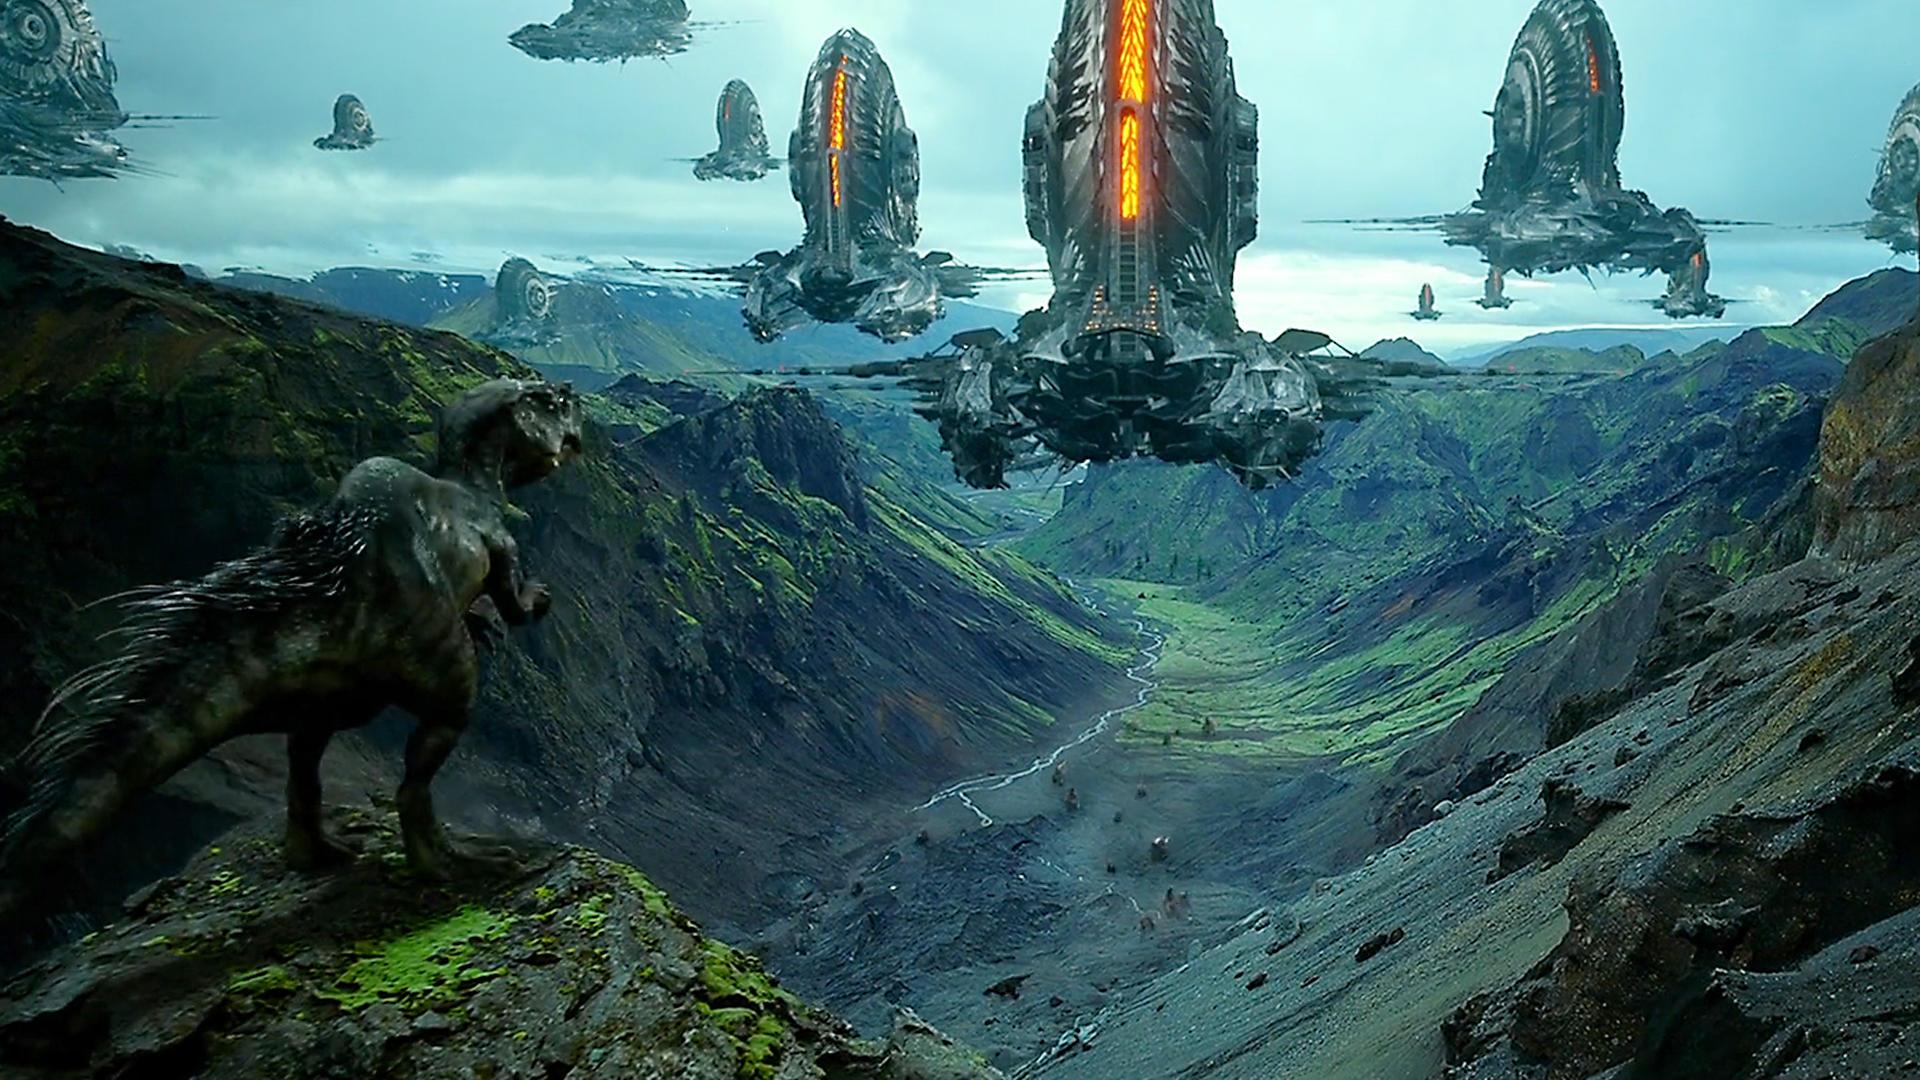 #电影最前线#6500万年前恐龙灭绝,变形金刚造物主投放种子炸弹毁灭地球